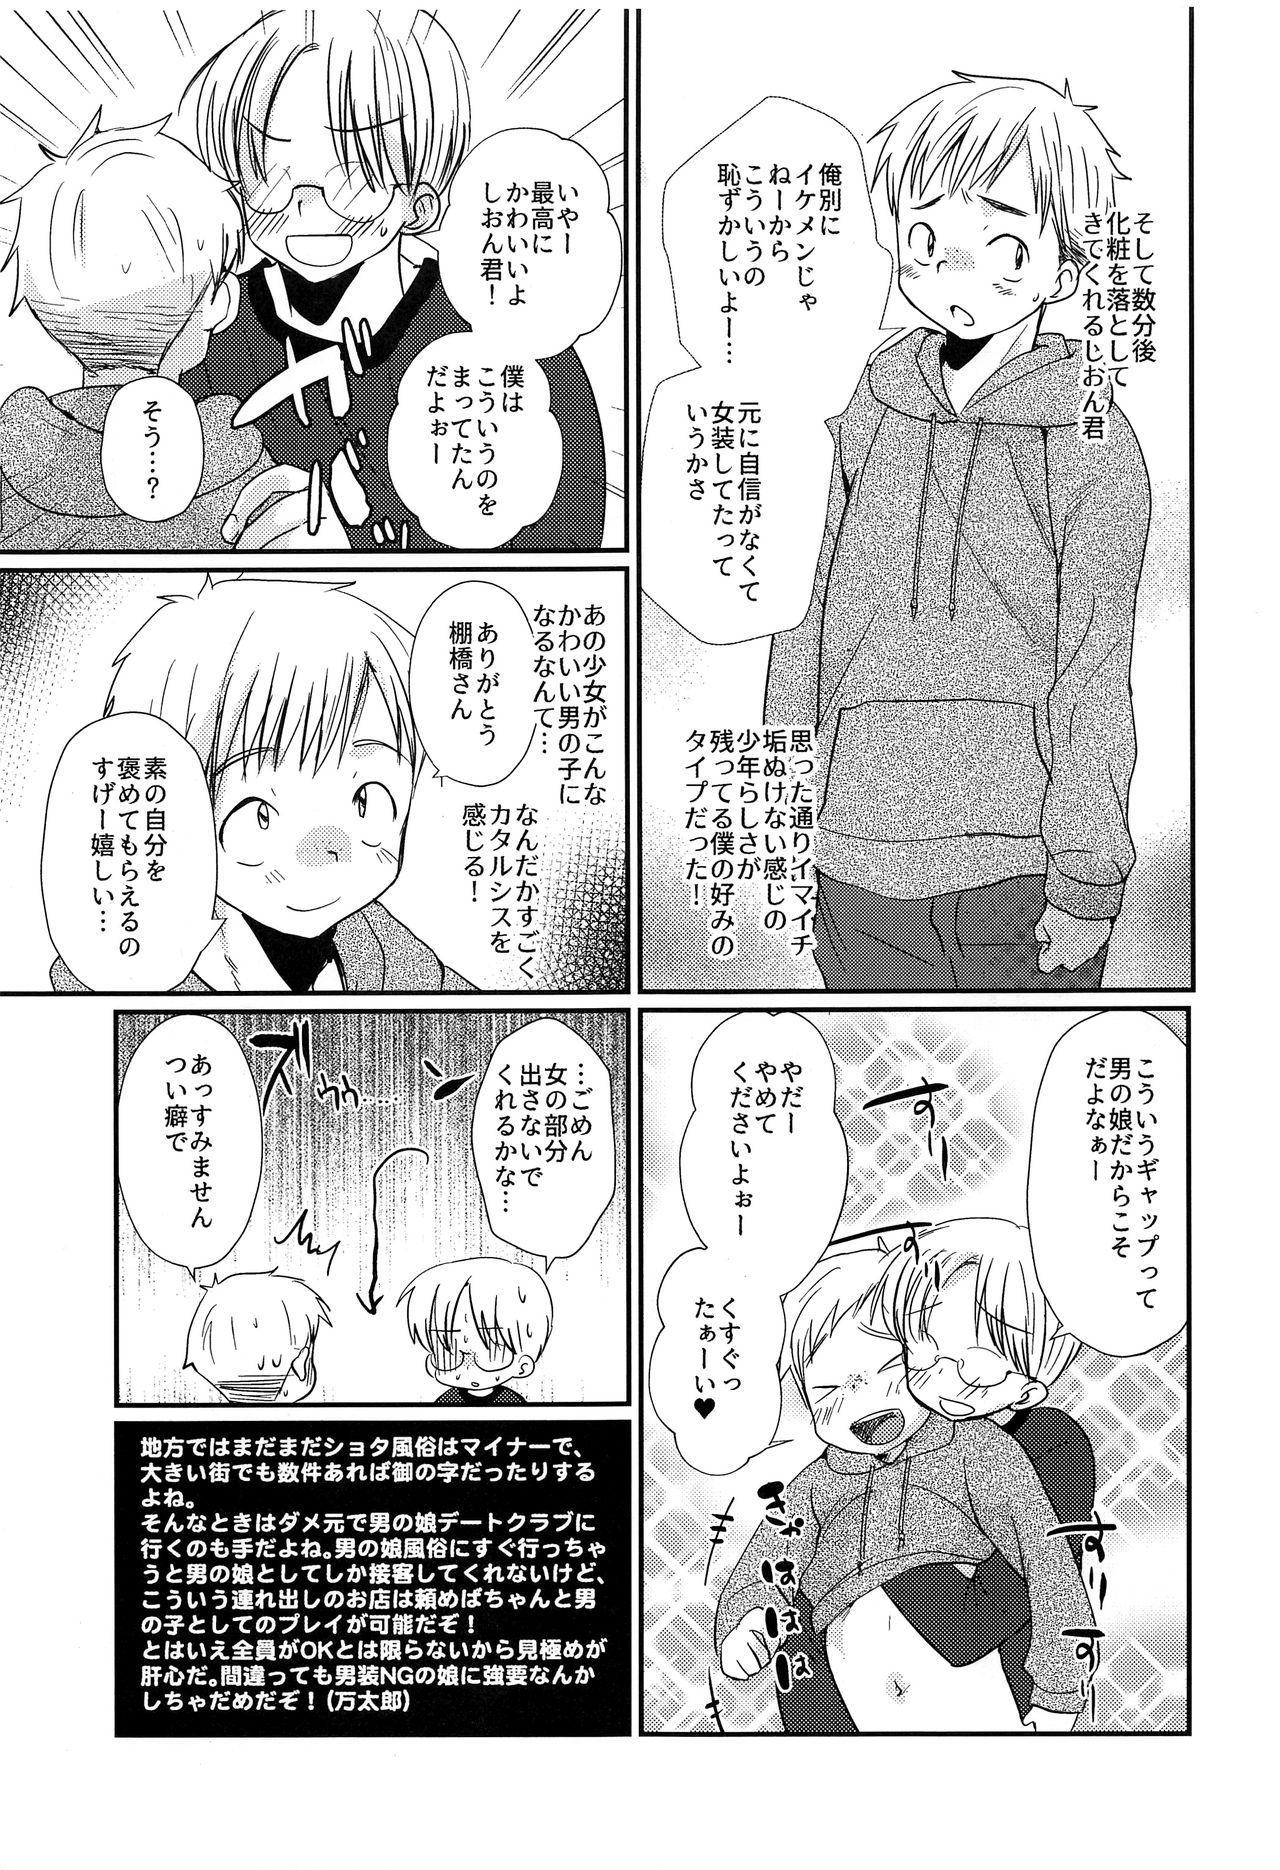 Tokumori! Shota Fuuzoku Saizensen 12